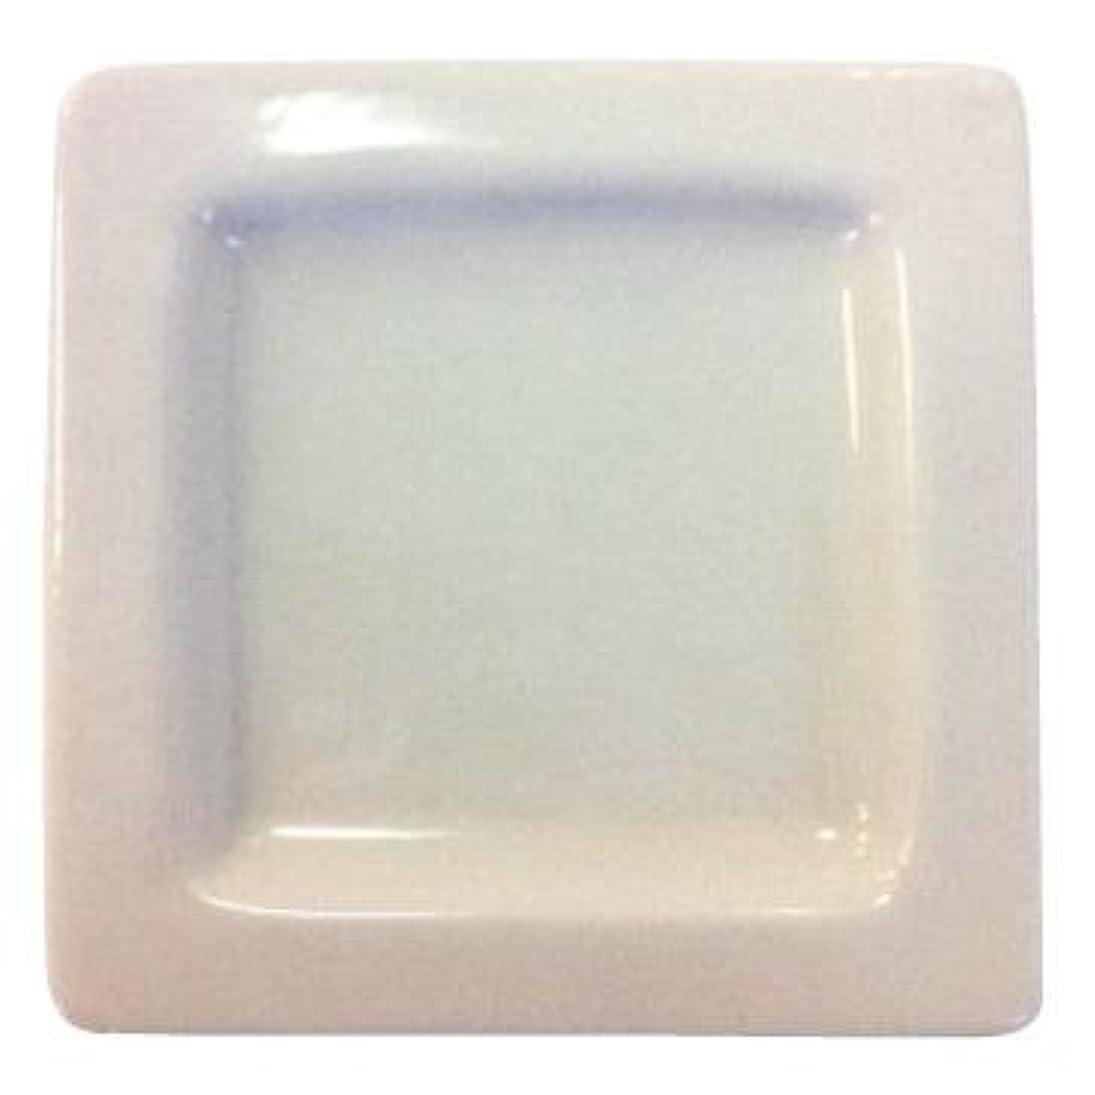 生活の木 アロマランプL アイビー用精油皿(上皿)